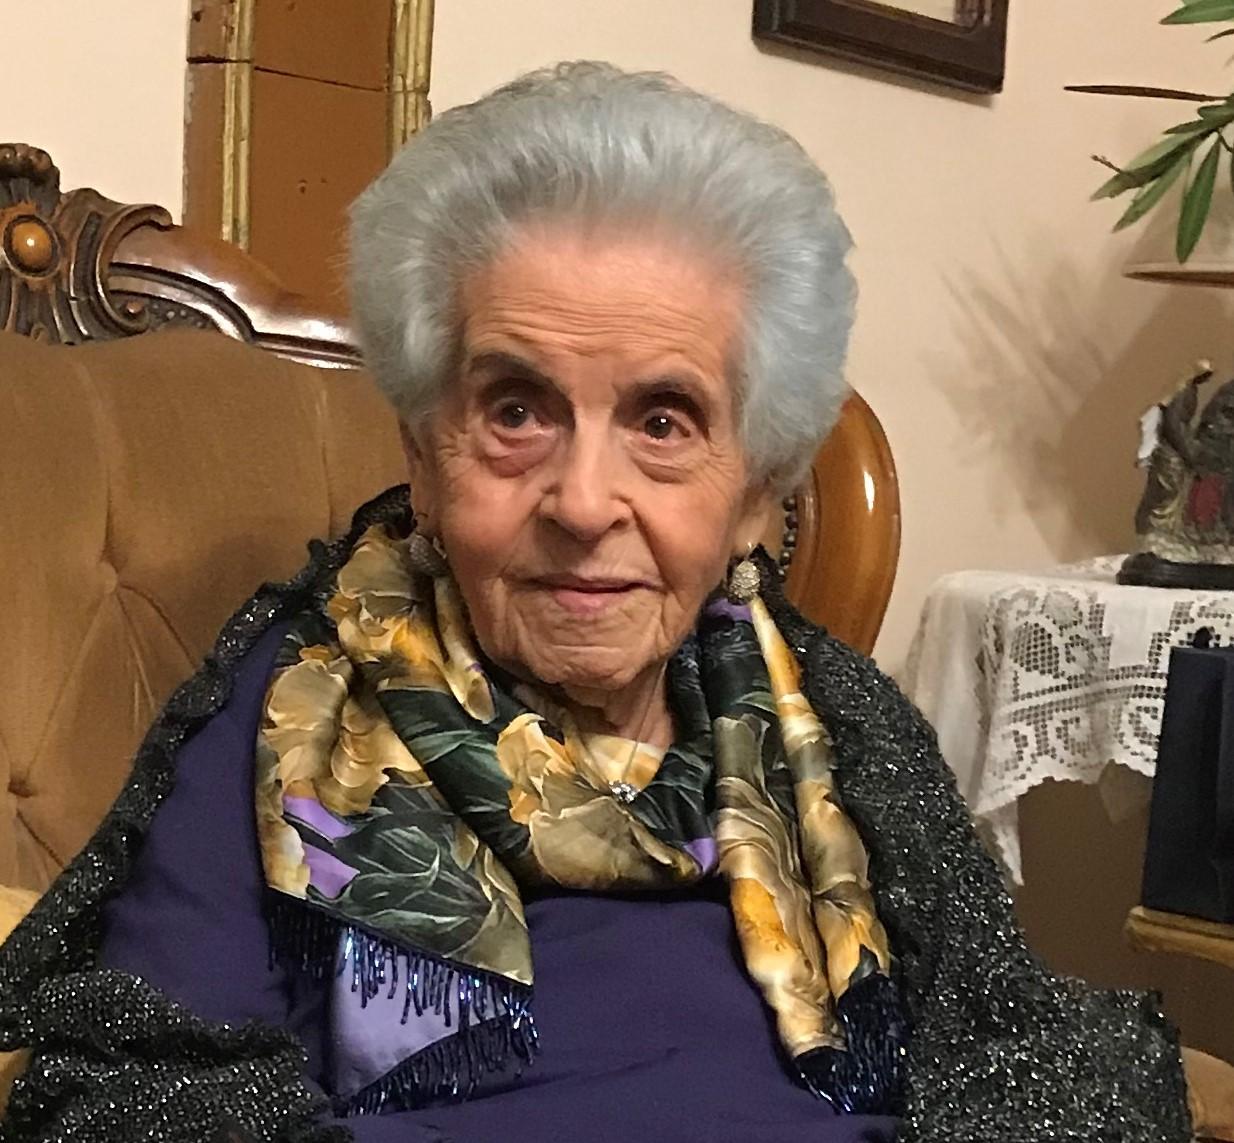 Scicli, nonna Melina Drago ha festeggiato in grande le sue 105 primavere